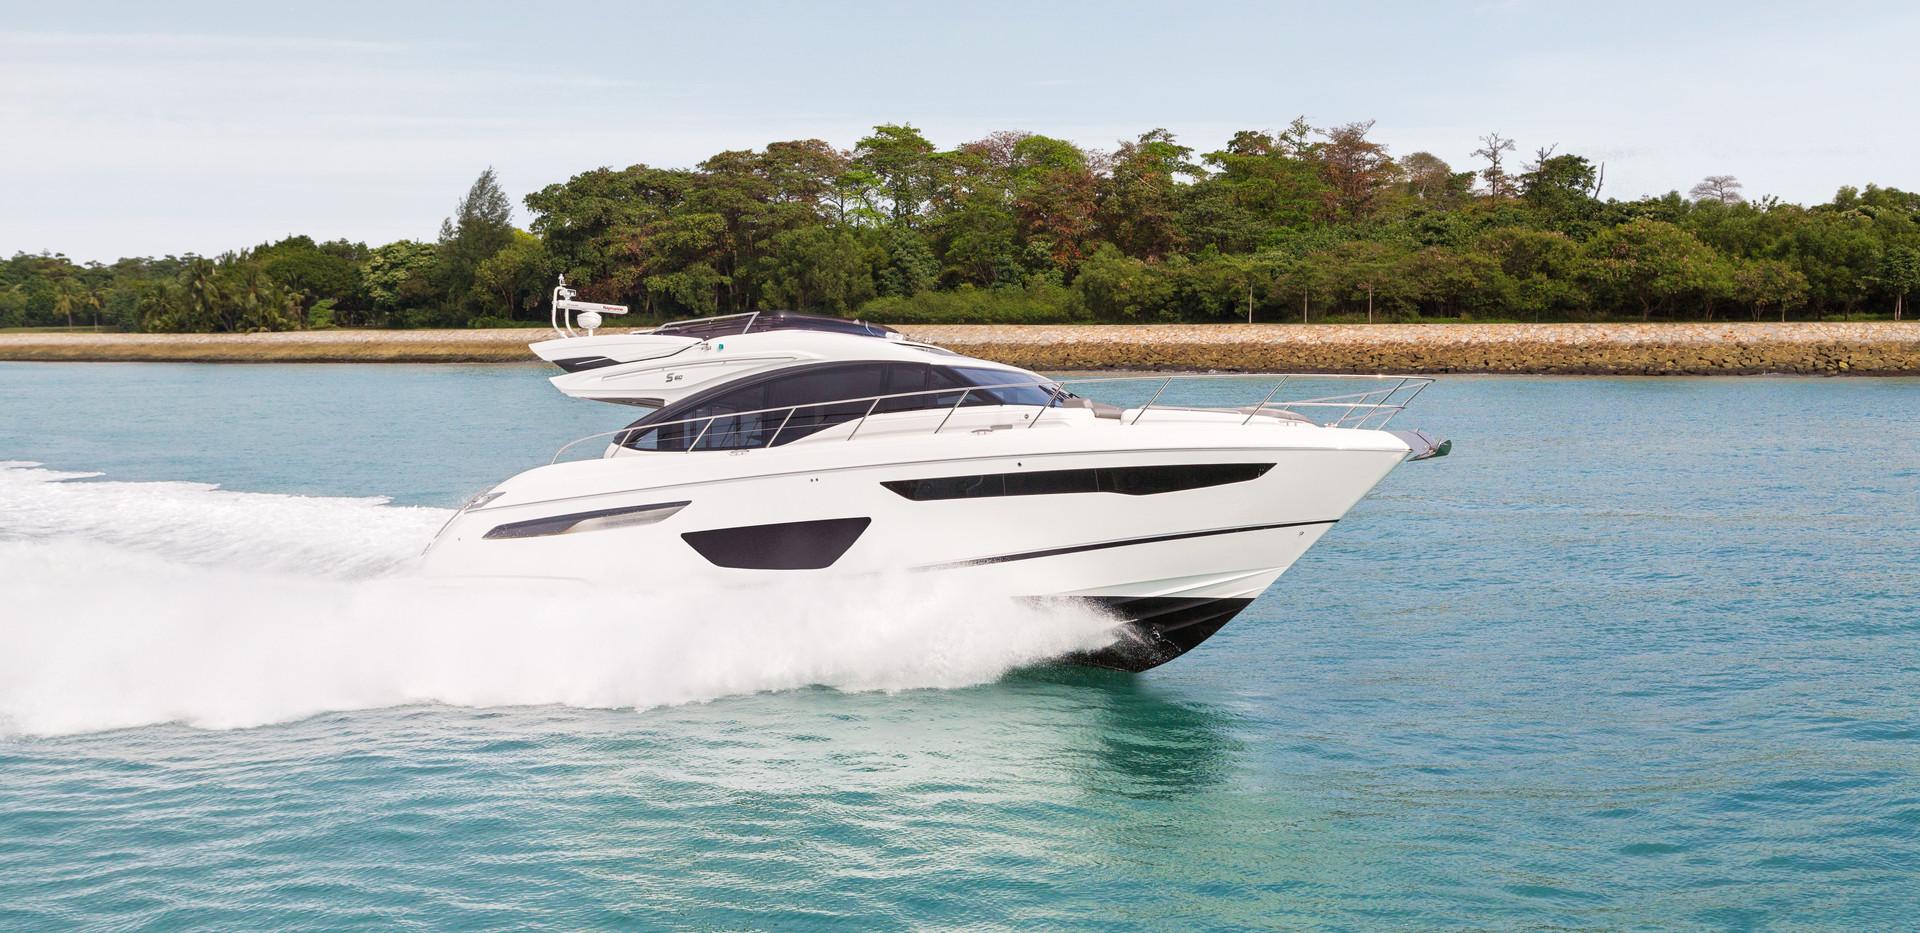 s60-exterior-white-hull-07Abromowitz Sha